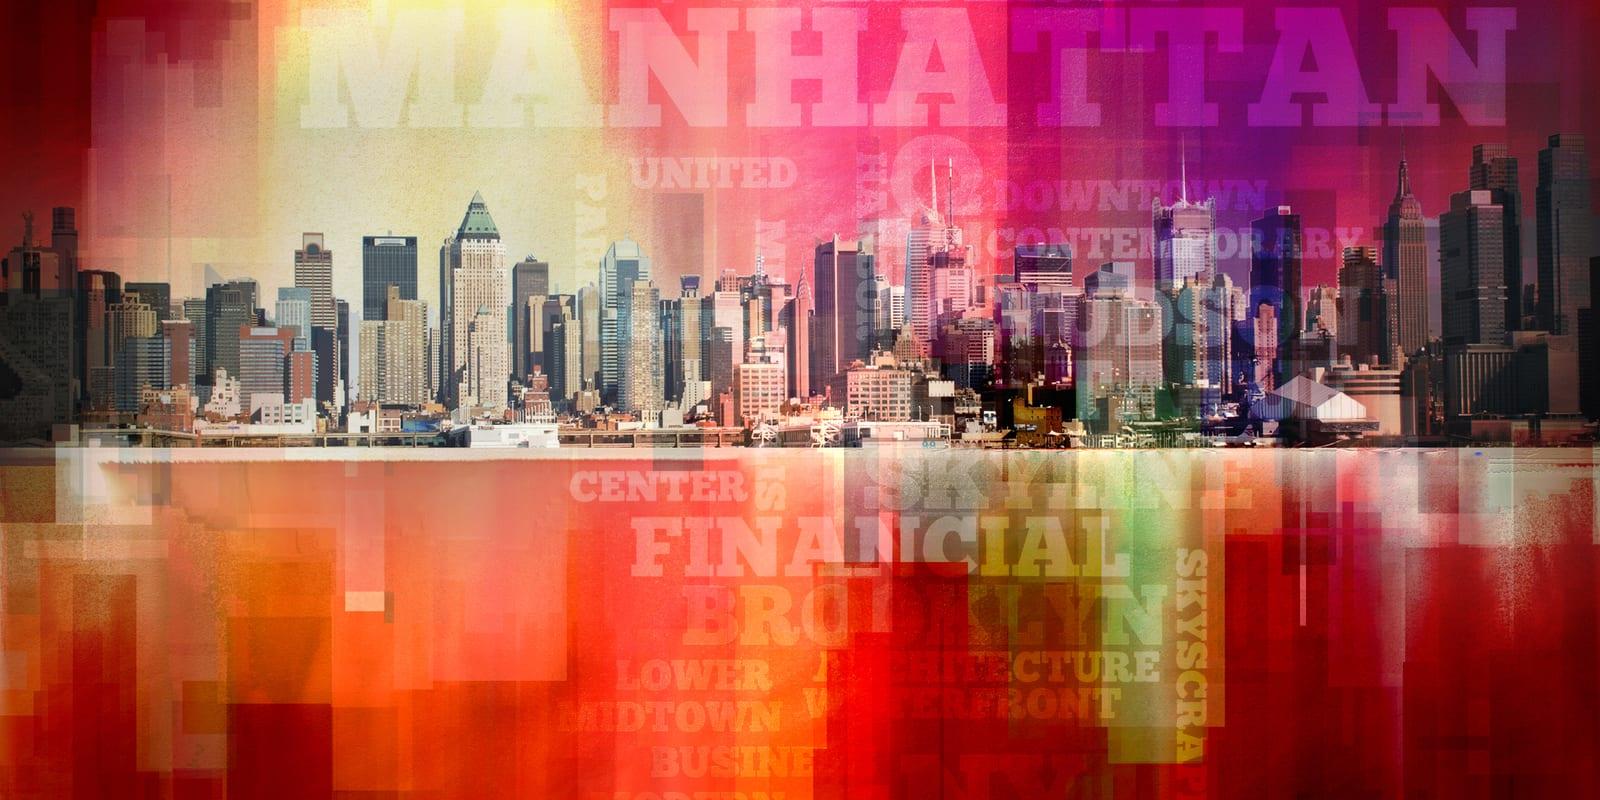 Times Square Manhattan, NY Private Investigator